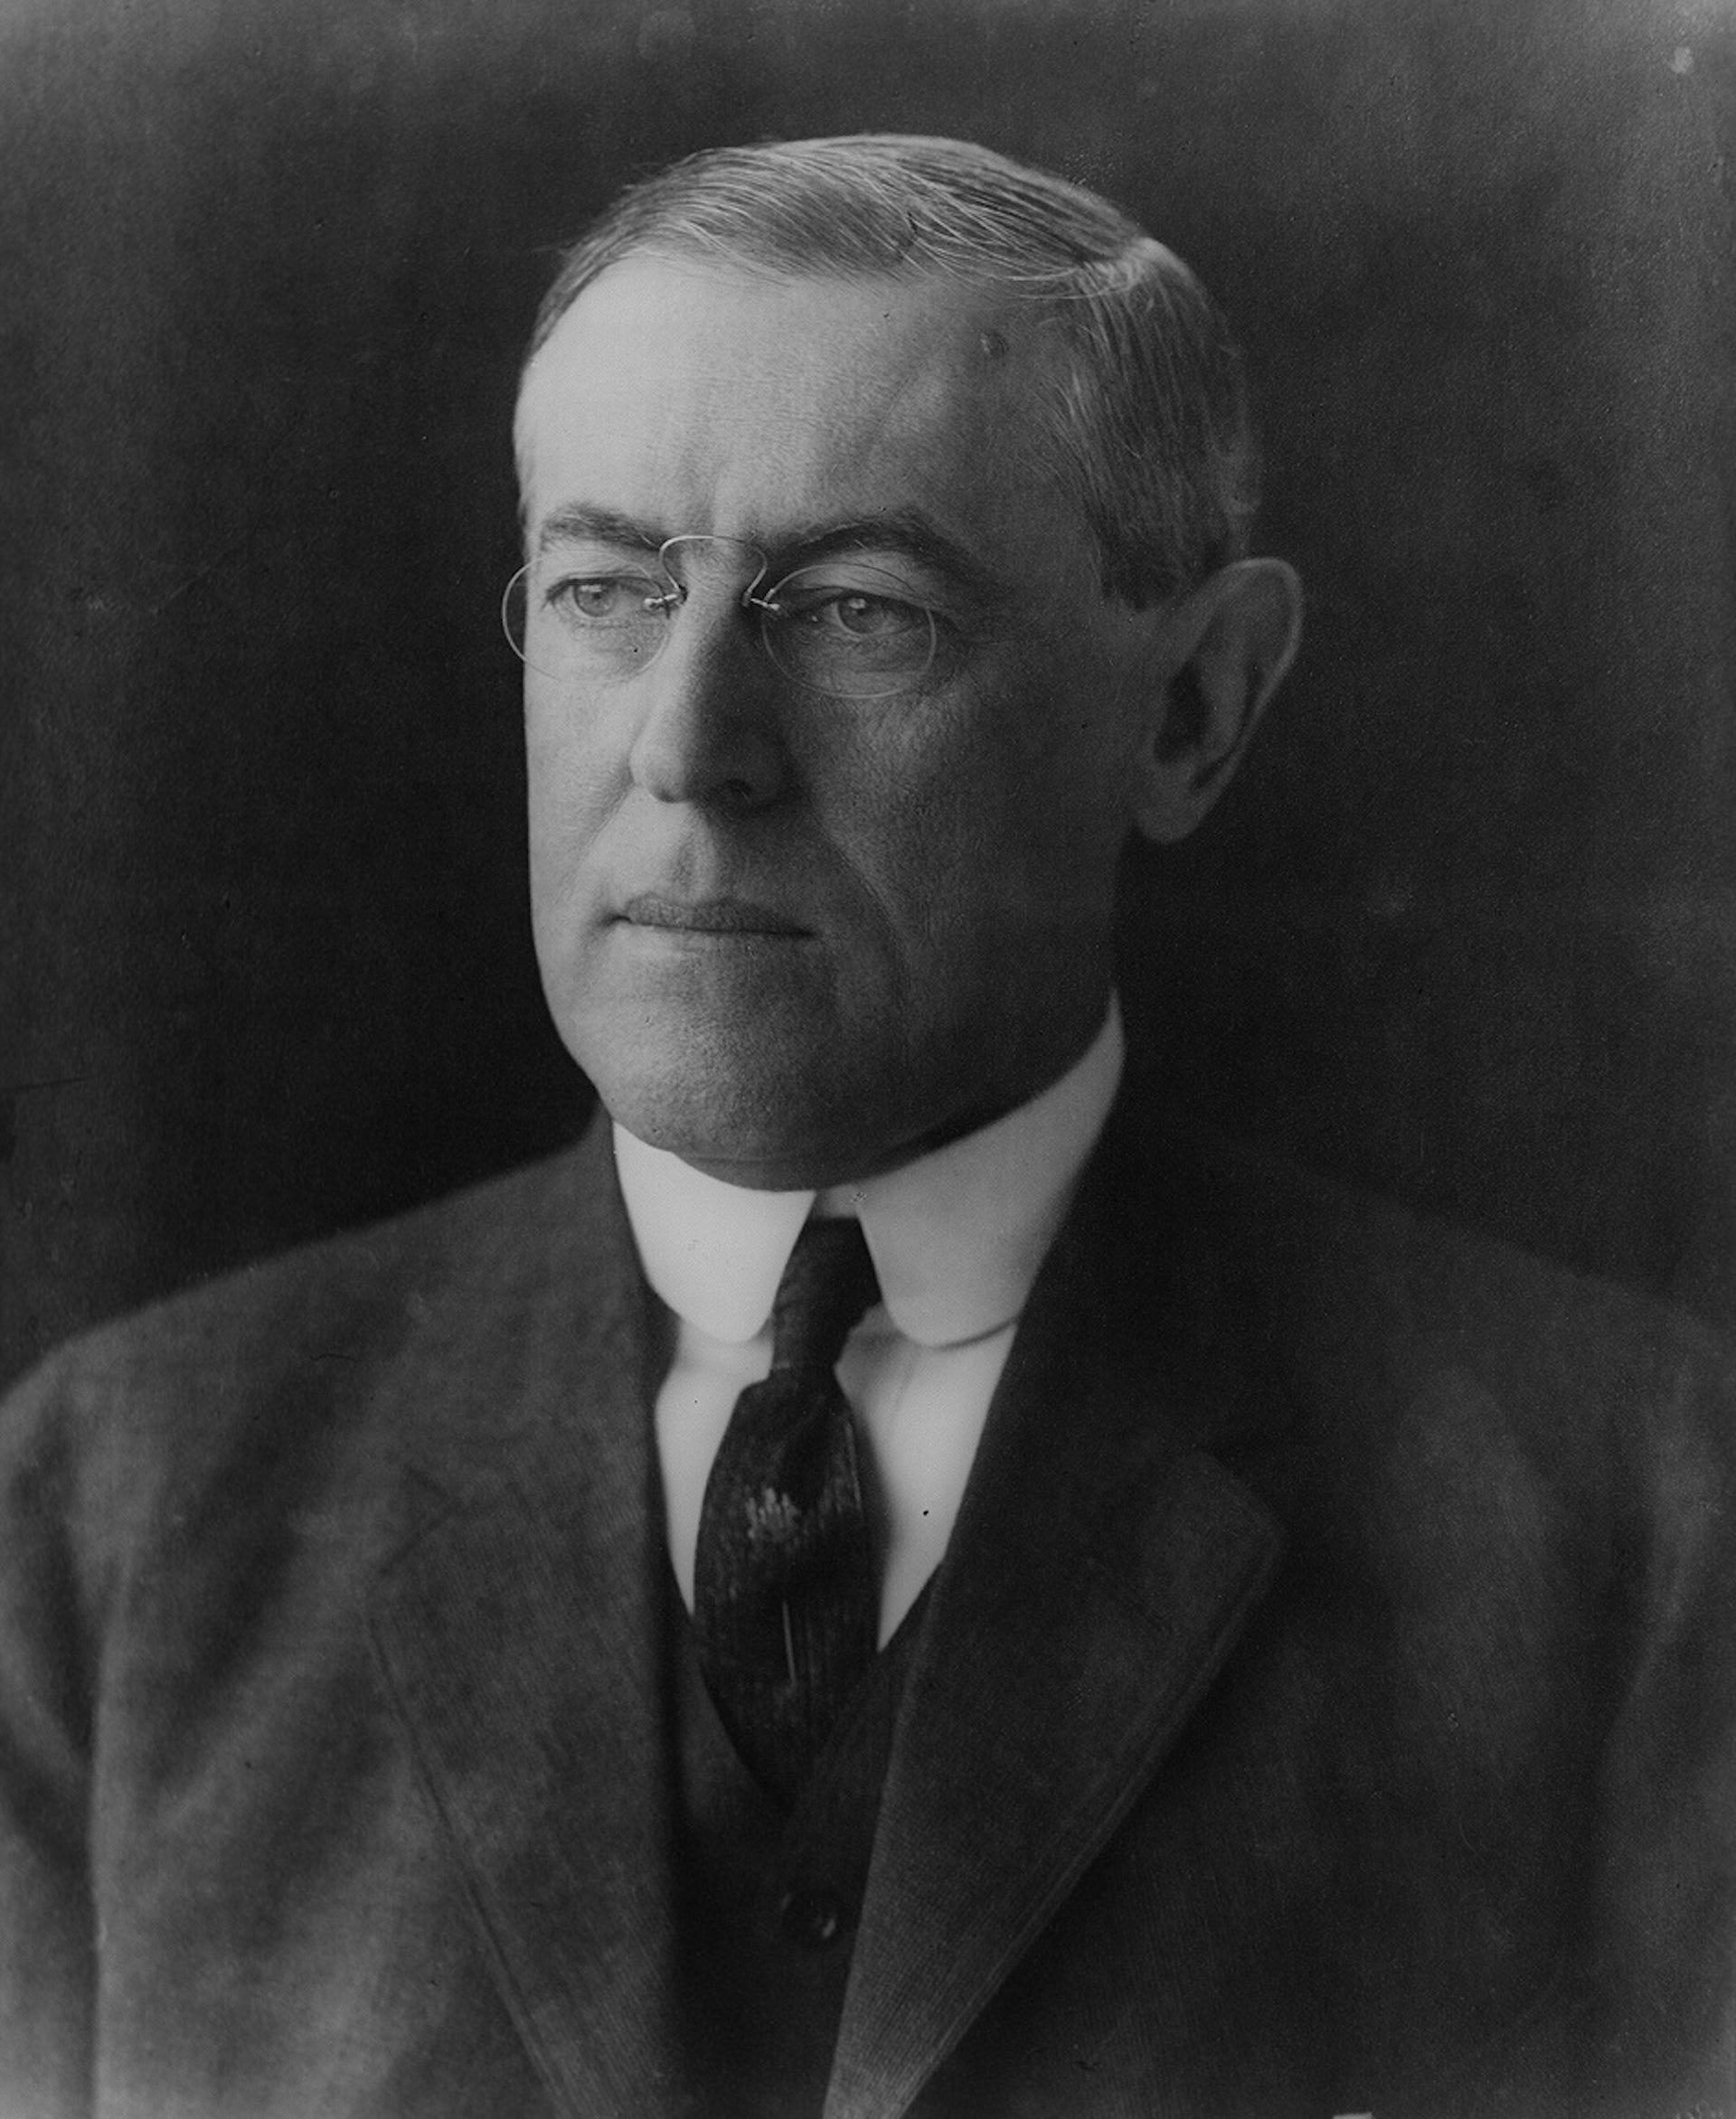 Wilson W